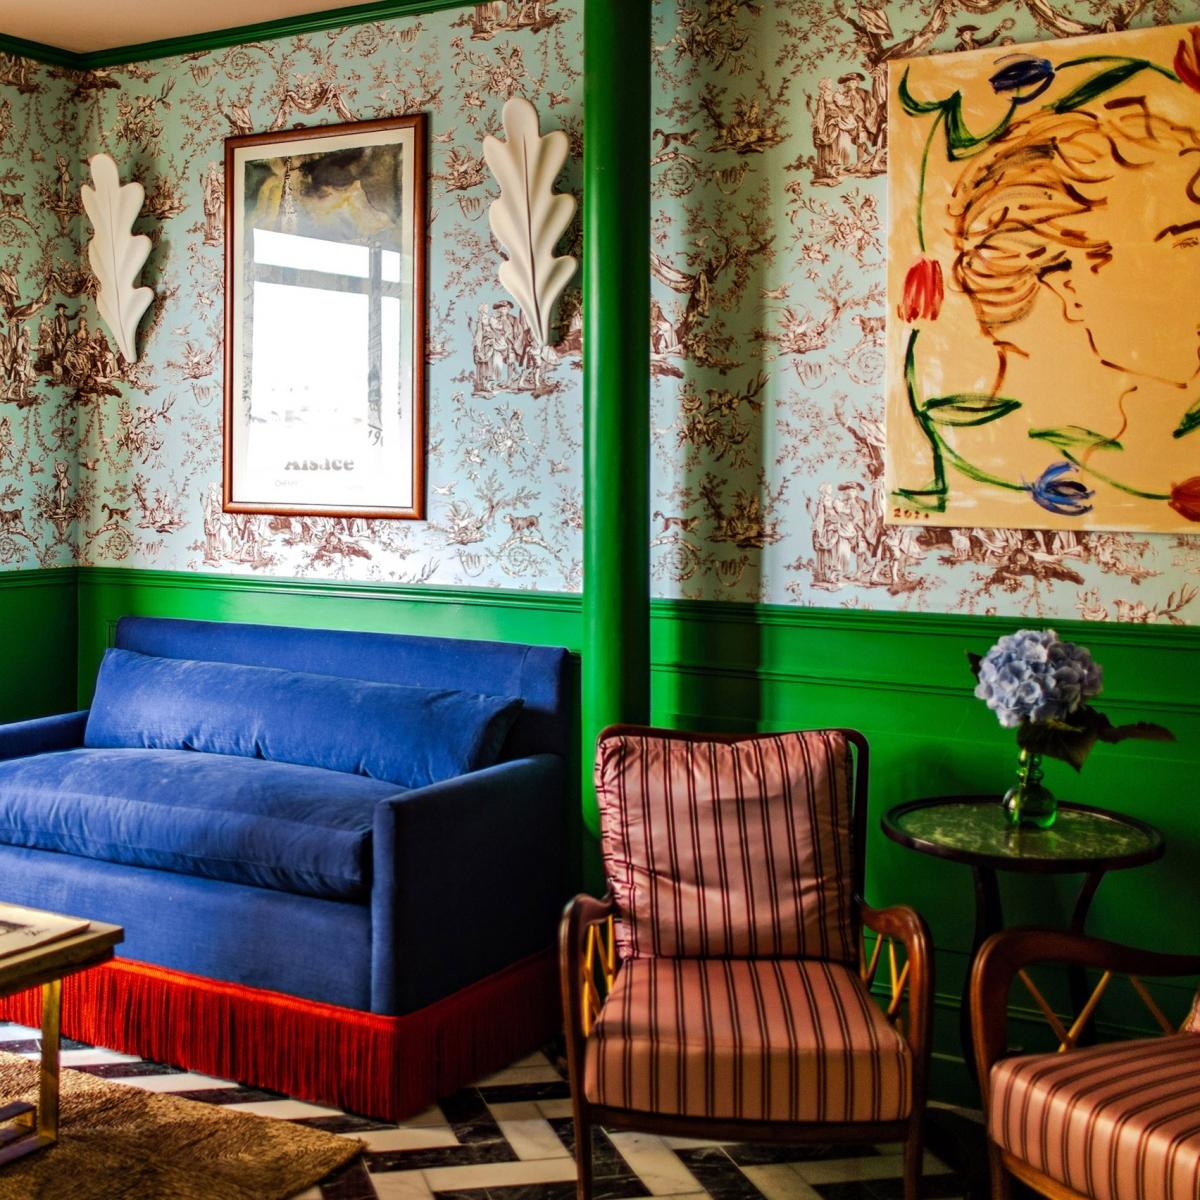 Khách sạn Les Deux Gares ở Pháp bởi kiến trúc sư Luke Edward Hall. Khách sạn mang tinh thần Paris cổ điển, với sofa hoạ tiết, giấy dán tường hoa văn, màu sắc sặc sỡ, và đặc biệt được thực hiện tỉ mỉ bằng tay.